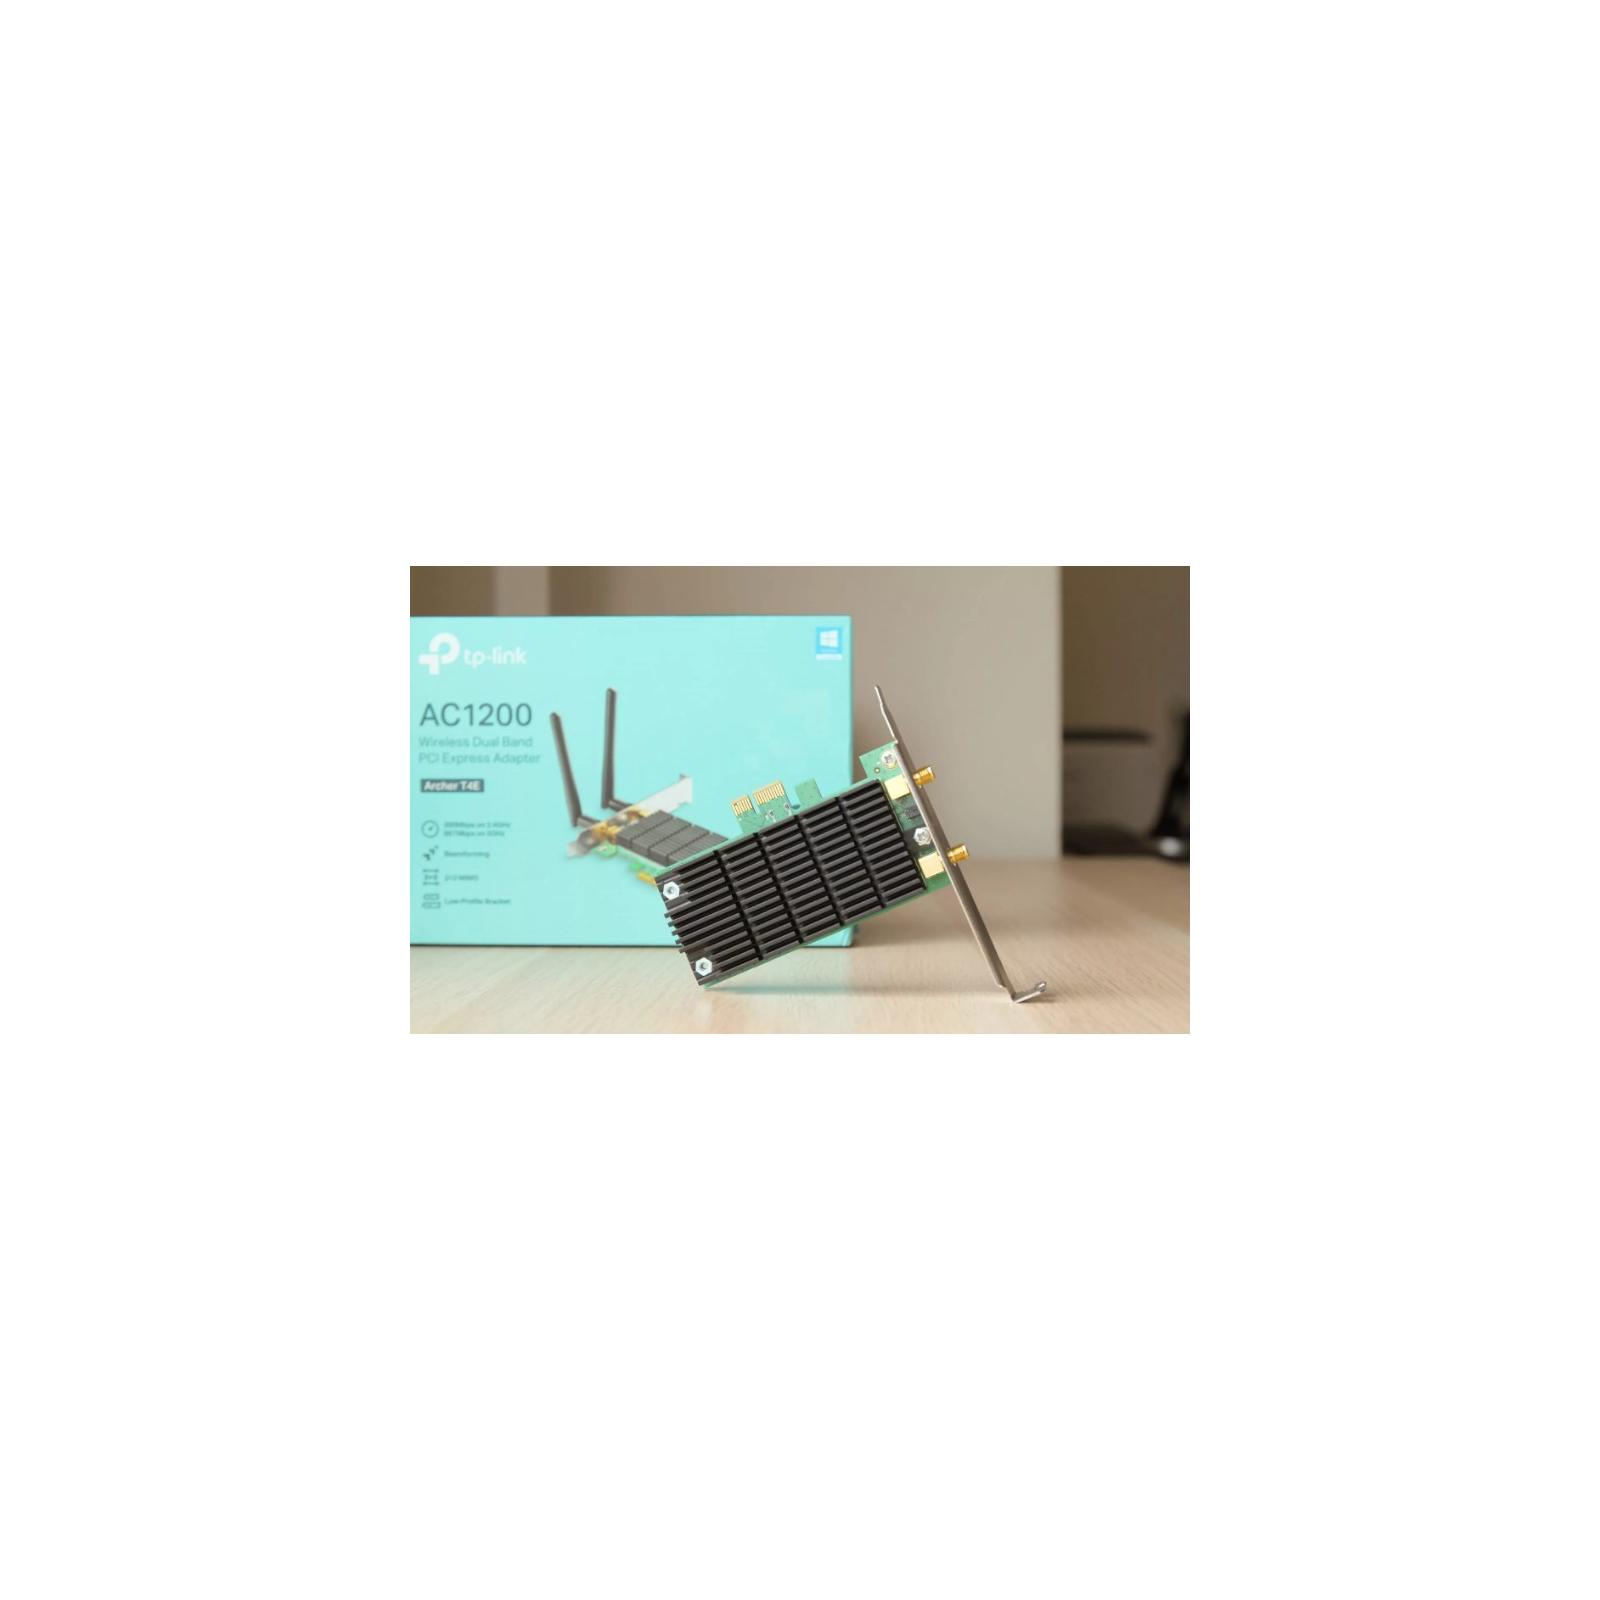 Ретранслятор TP-Link Archer T4E AC1200, PCI Express, Beamforming (ARCHER-T4E) зображення 9